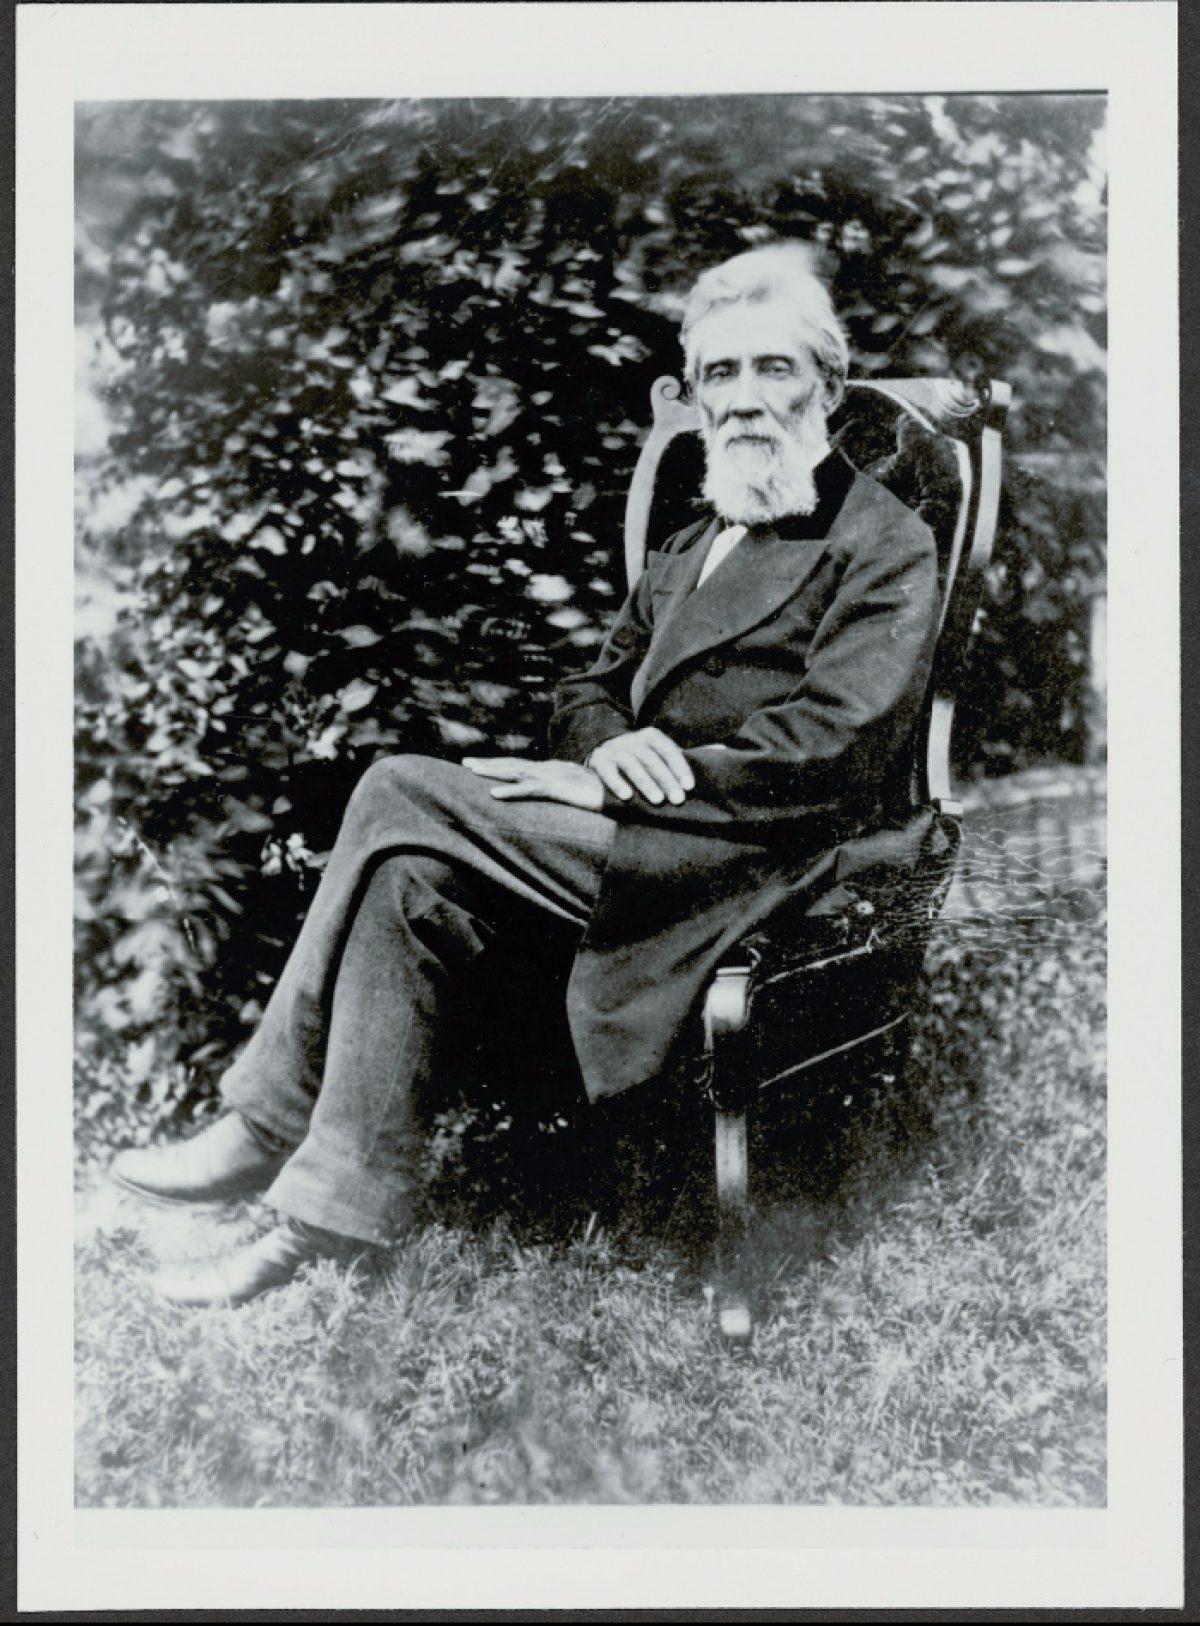 William Potter Ross